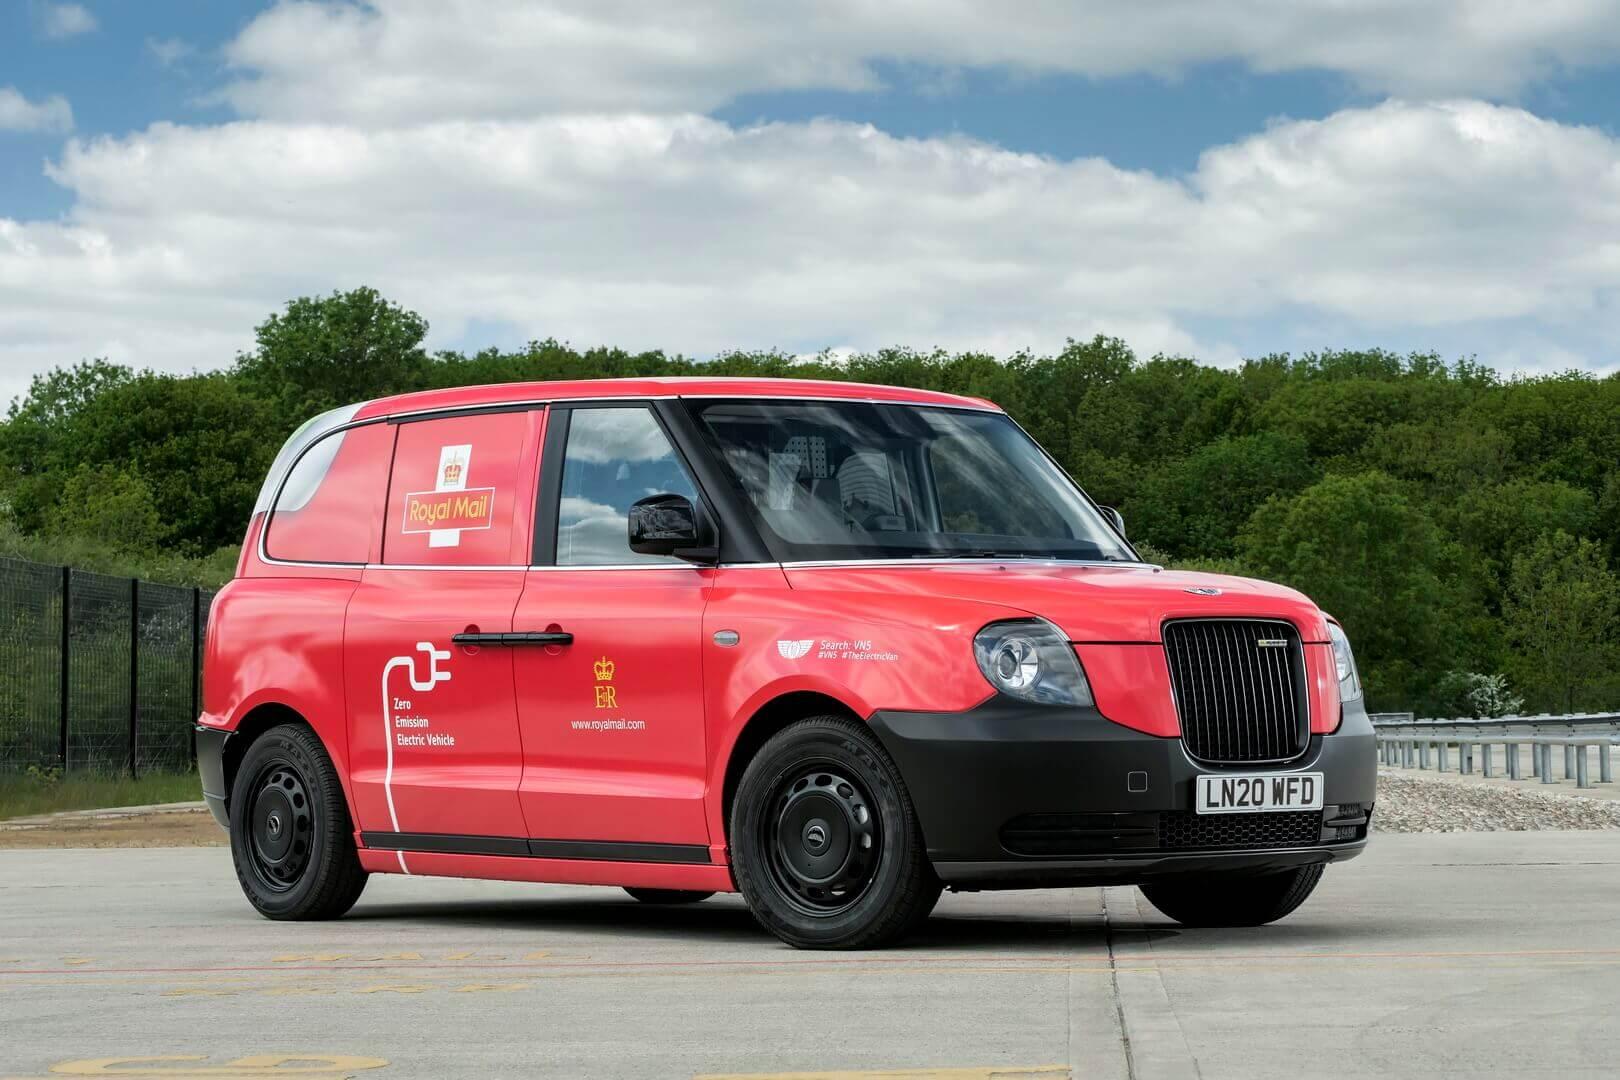 Royal Mail тестирует «электрическое» лондонское такси в качестве фургона